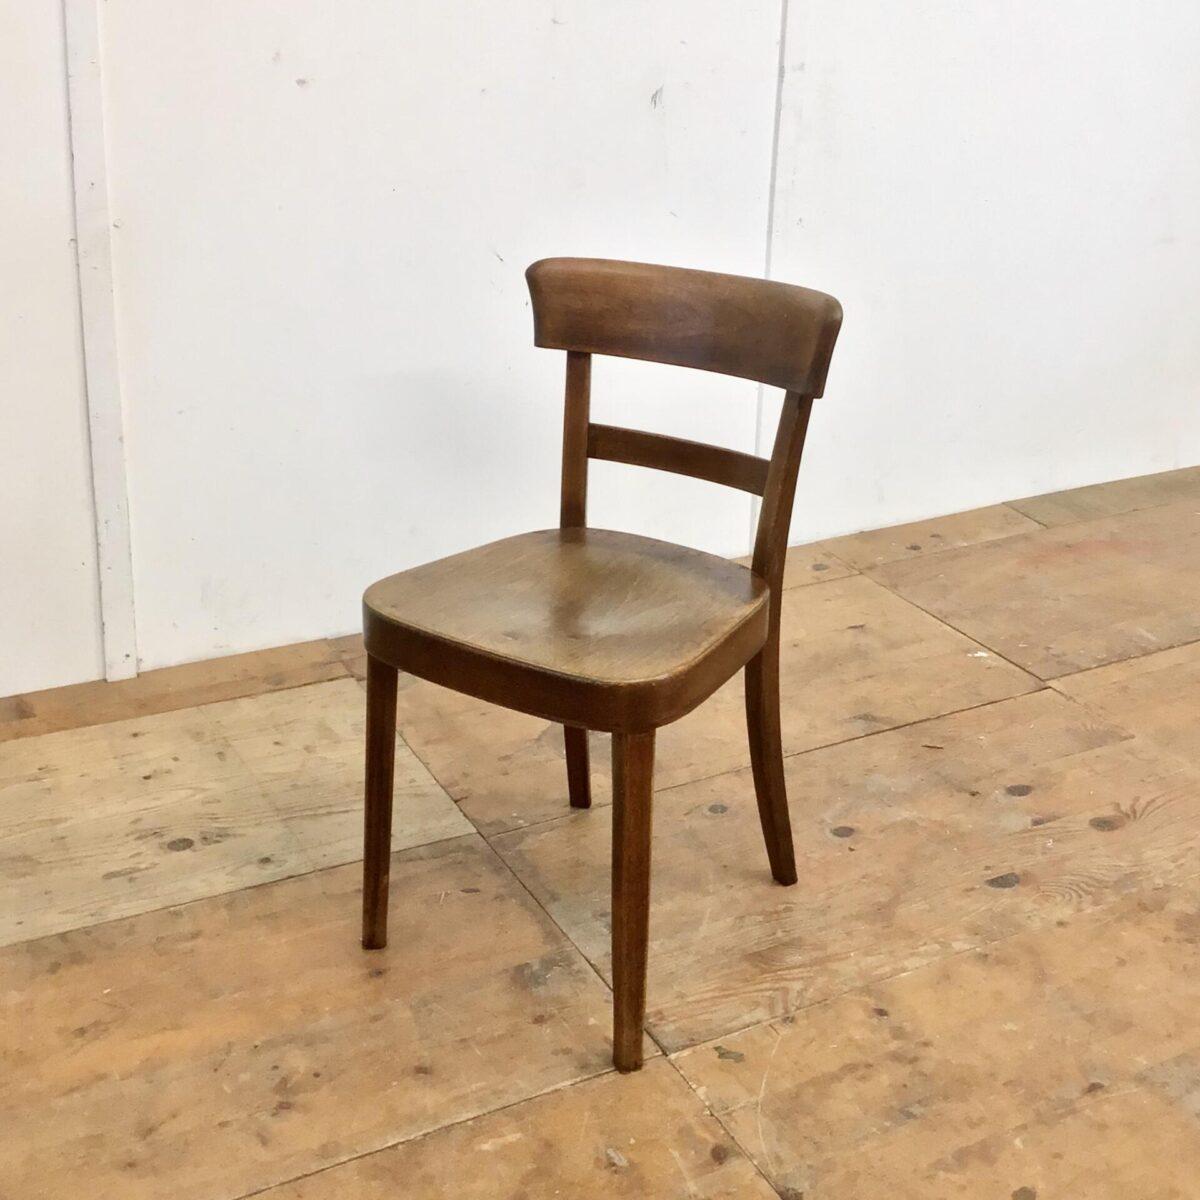 Klassische ältere Beizenstühle von horgenglarus. Preis pro Stuhl. Technisch in stabilem überarbeiteten Zustand. Diese Esszimmer Stühle, mit der kastanienbraunen Alterspatina, schaffen farblich den idealen Kontrast zu einem hellen Tisch und auch den gängigen Buchen oder Eichenholz Böden.